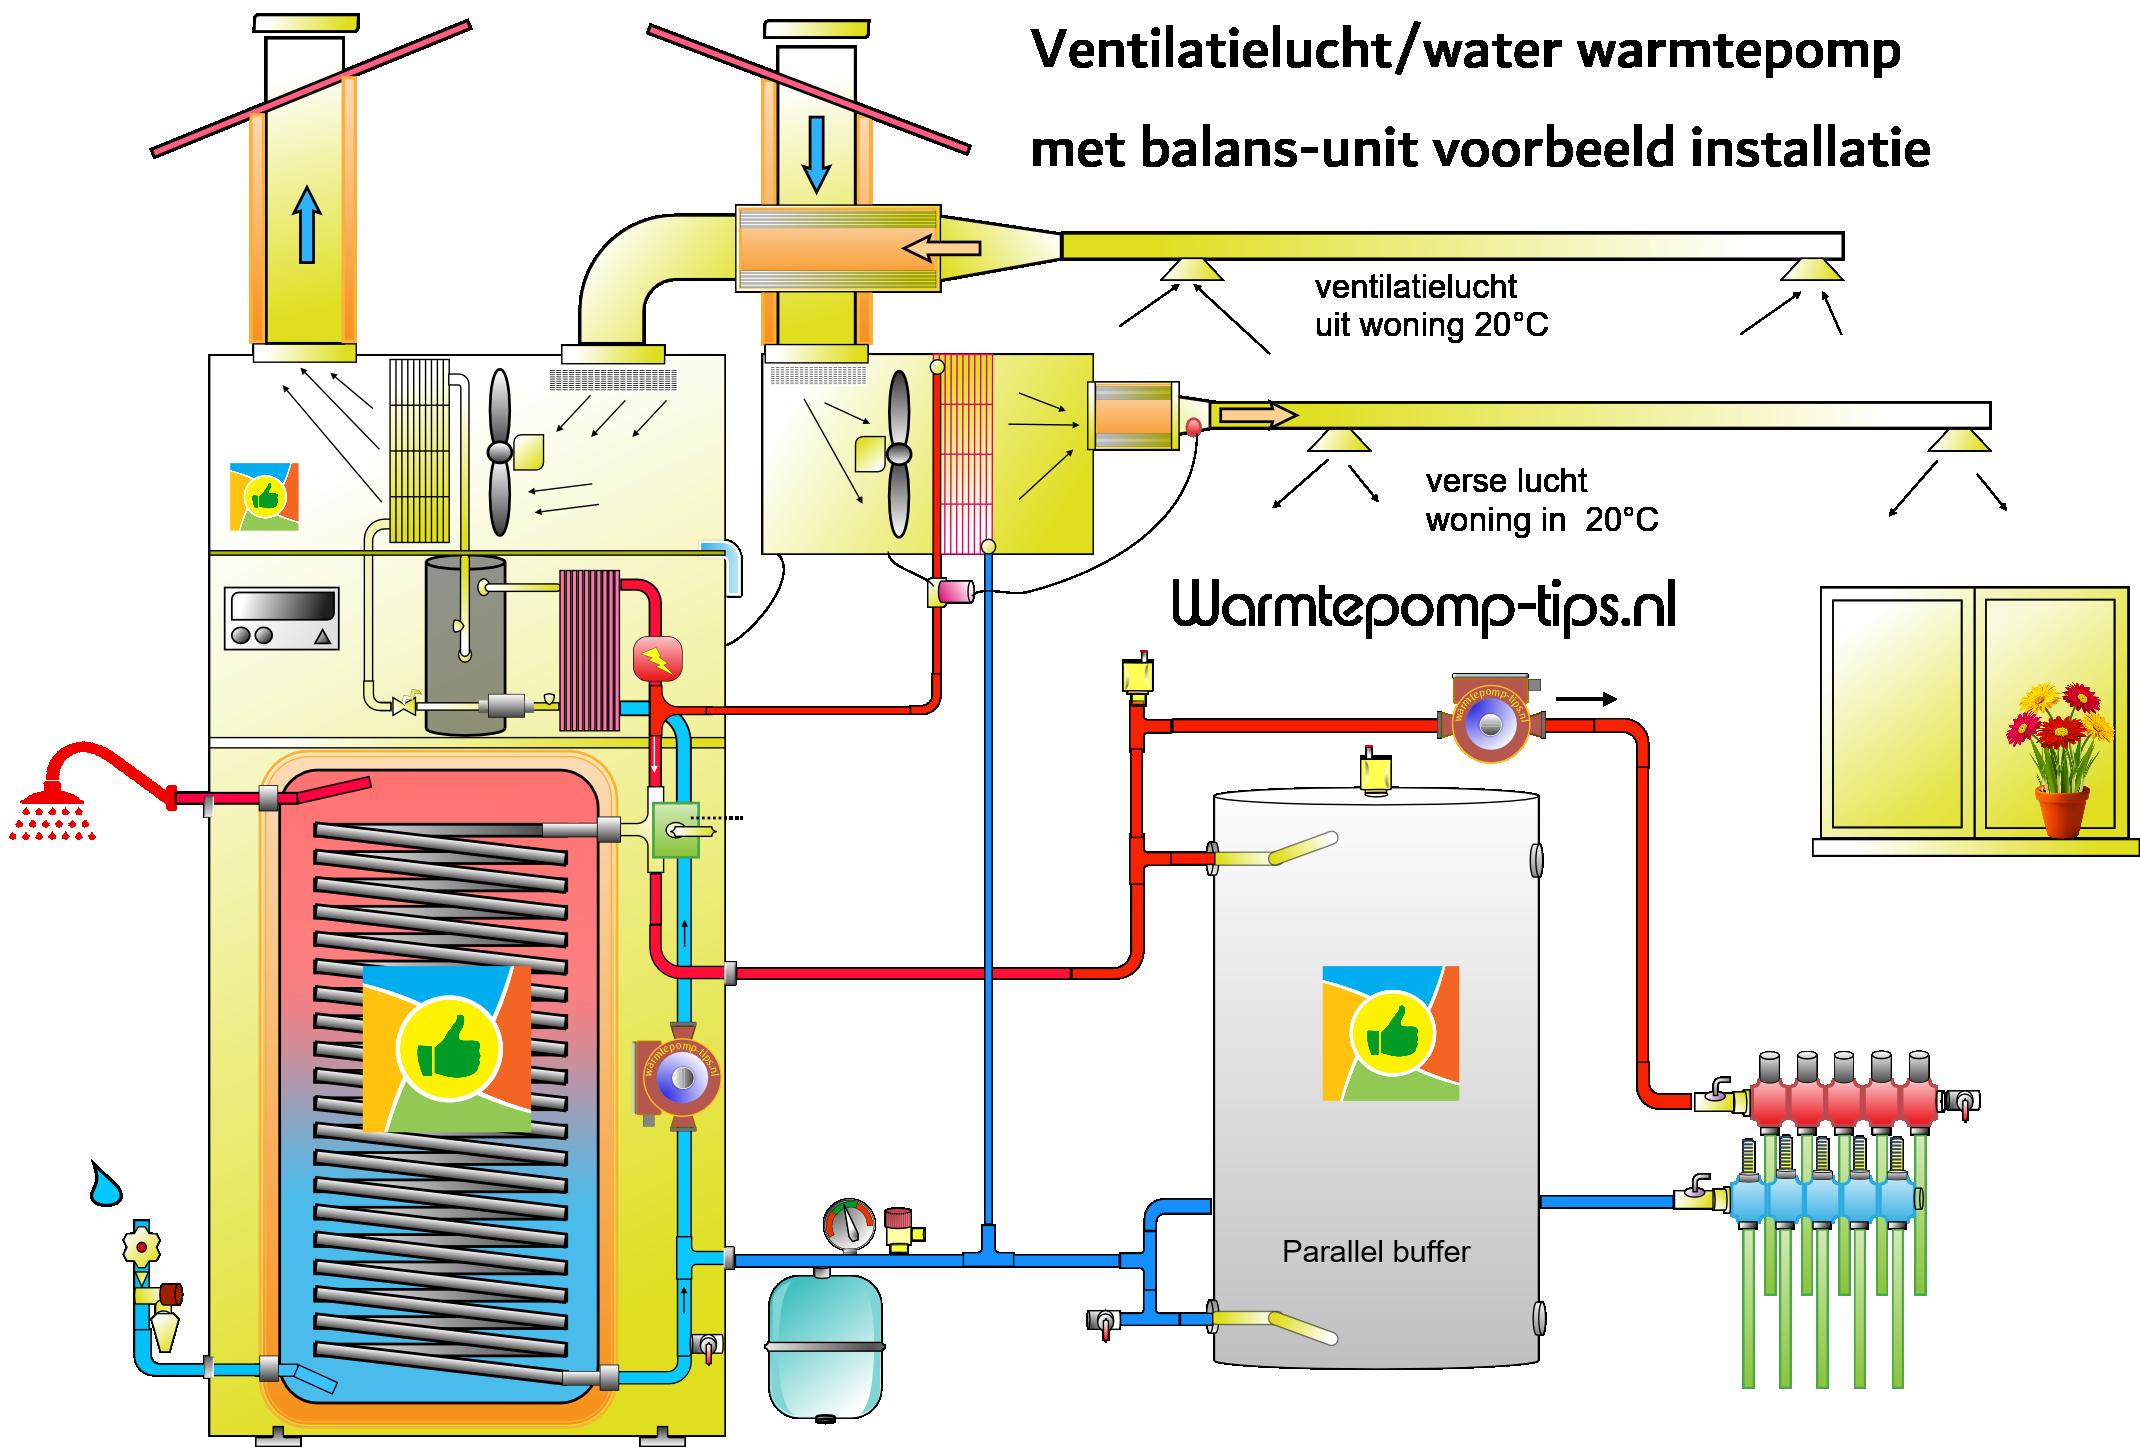 ventilatielucht-water-warmtepomp-balans-systeem-wtw